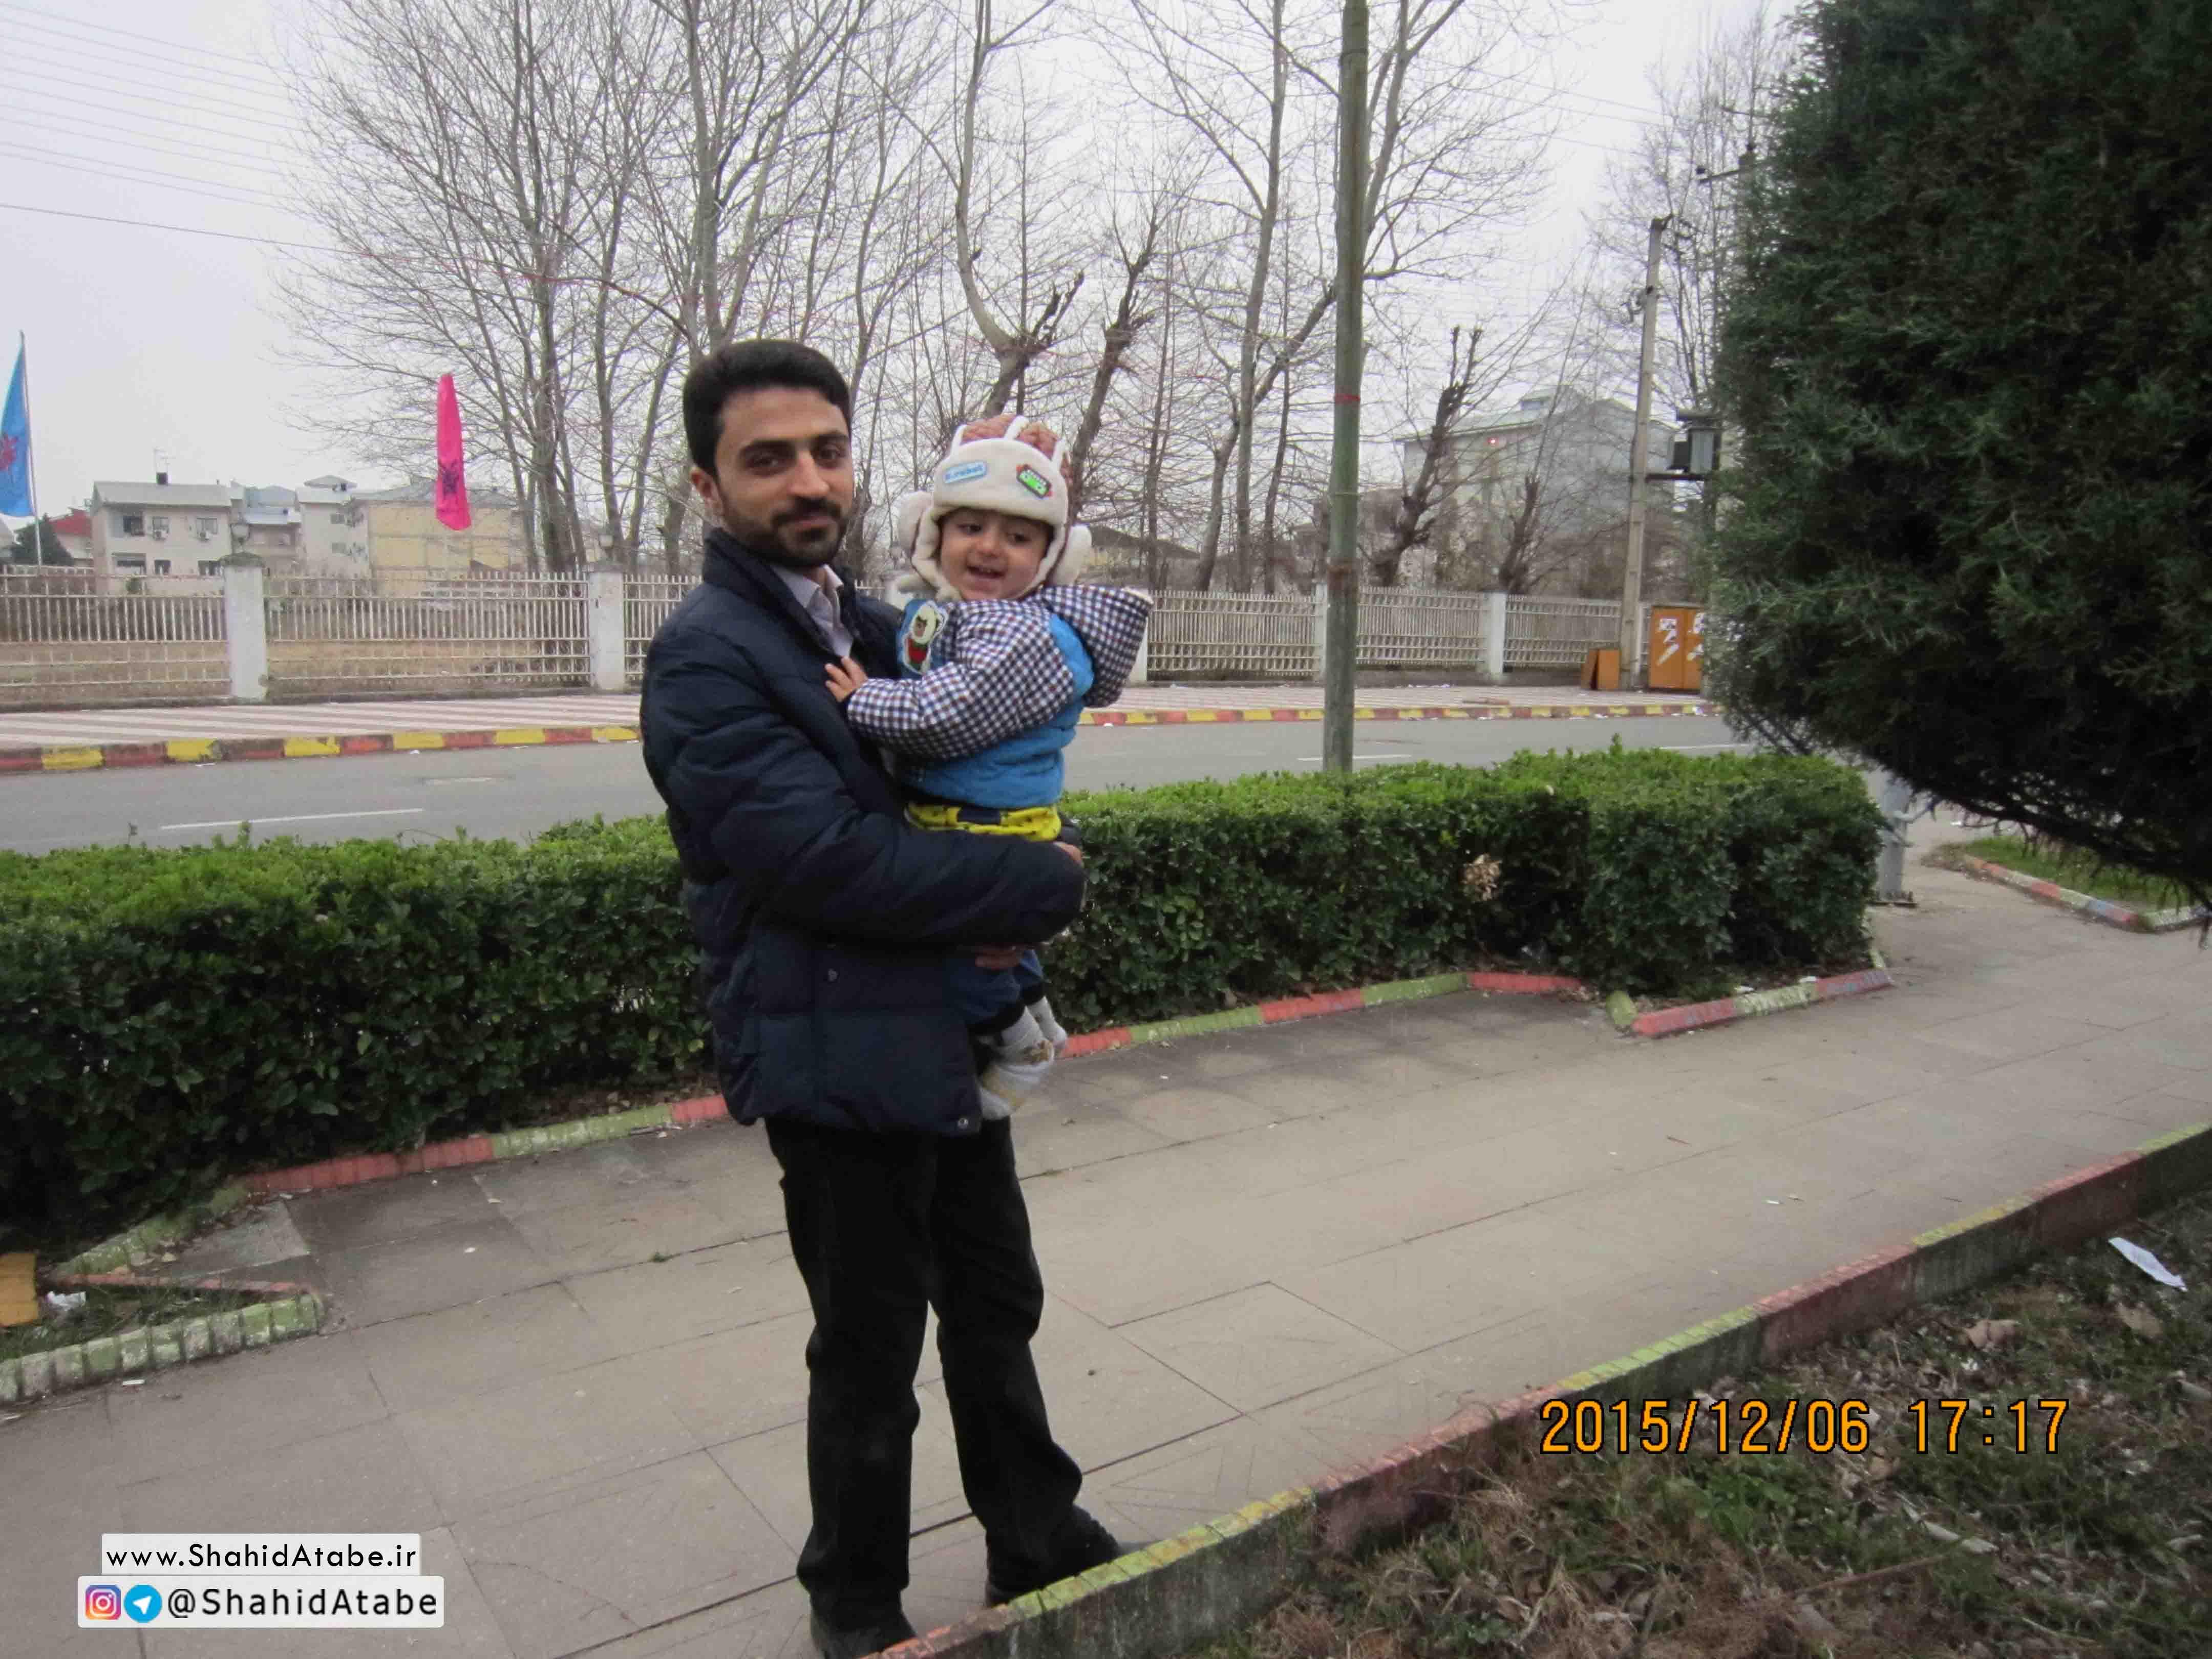 تصاویر شهید مدافع حرم محمد اتابه همراه با تنها یادگار خود امیرحسین